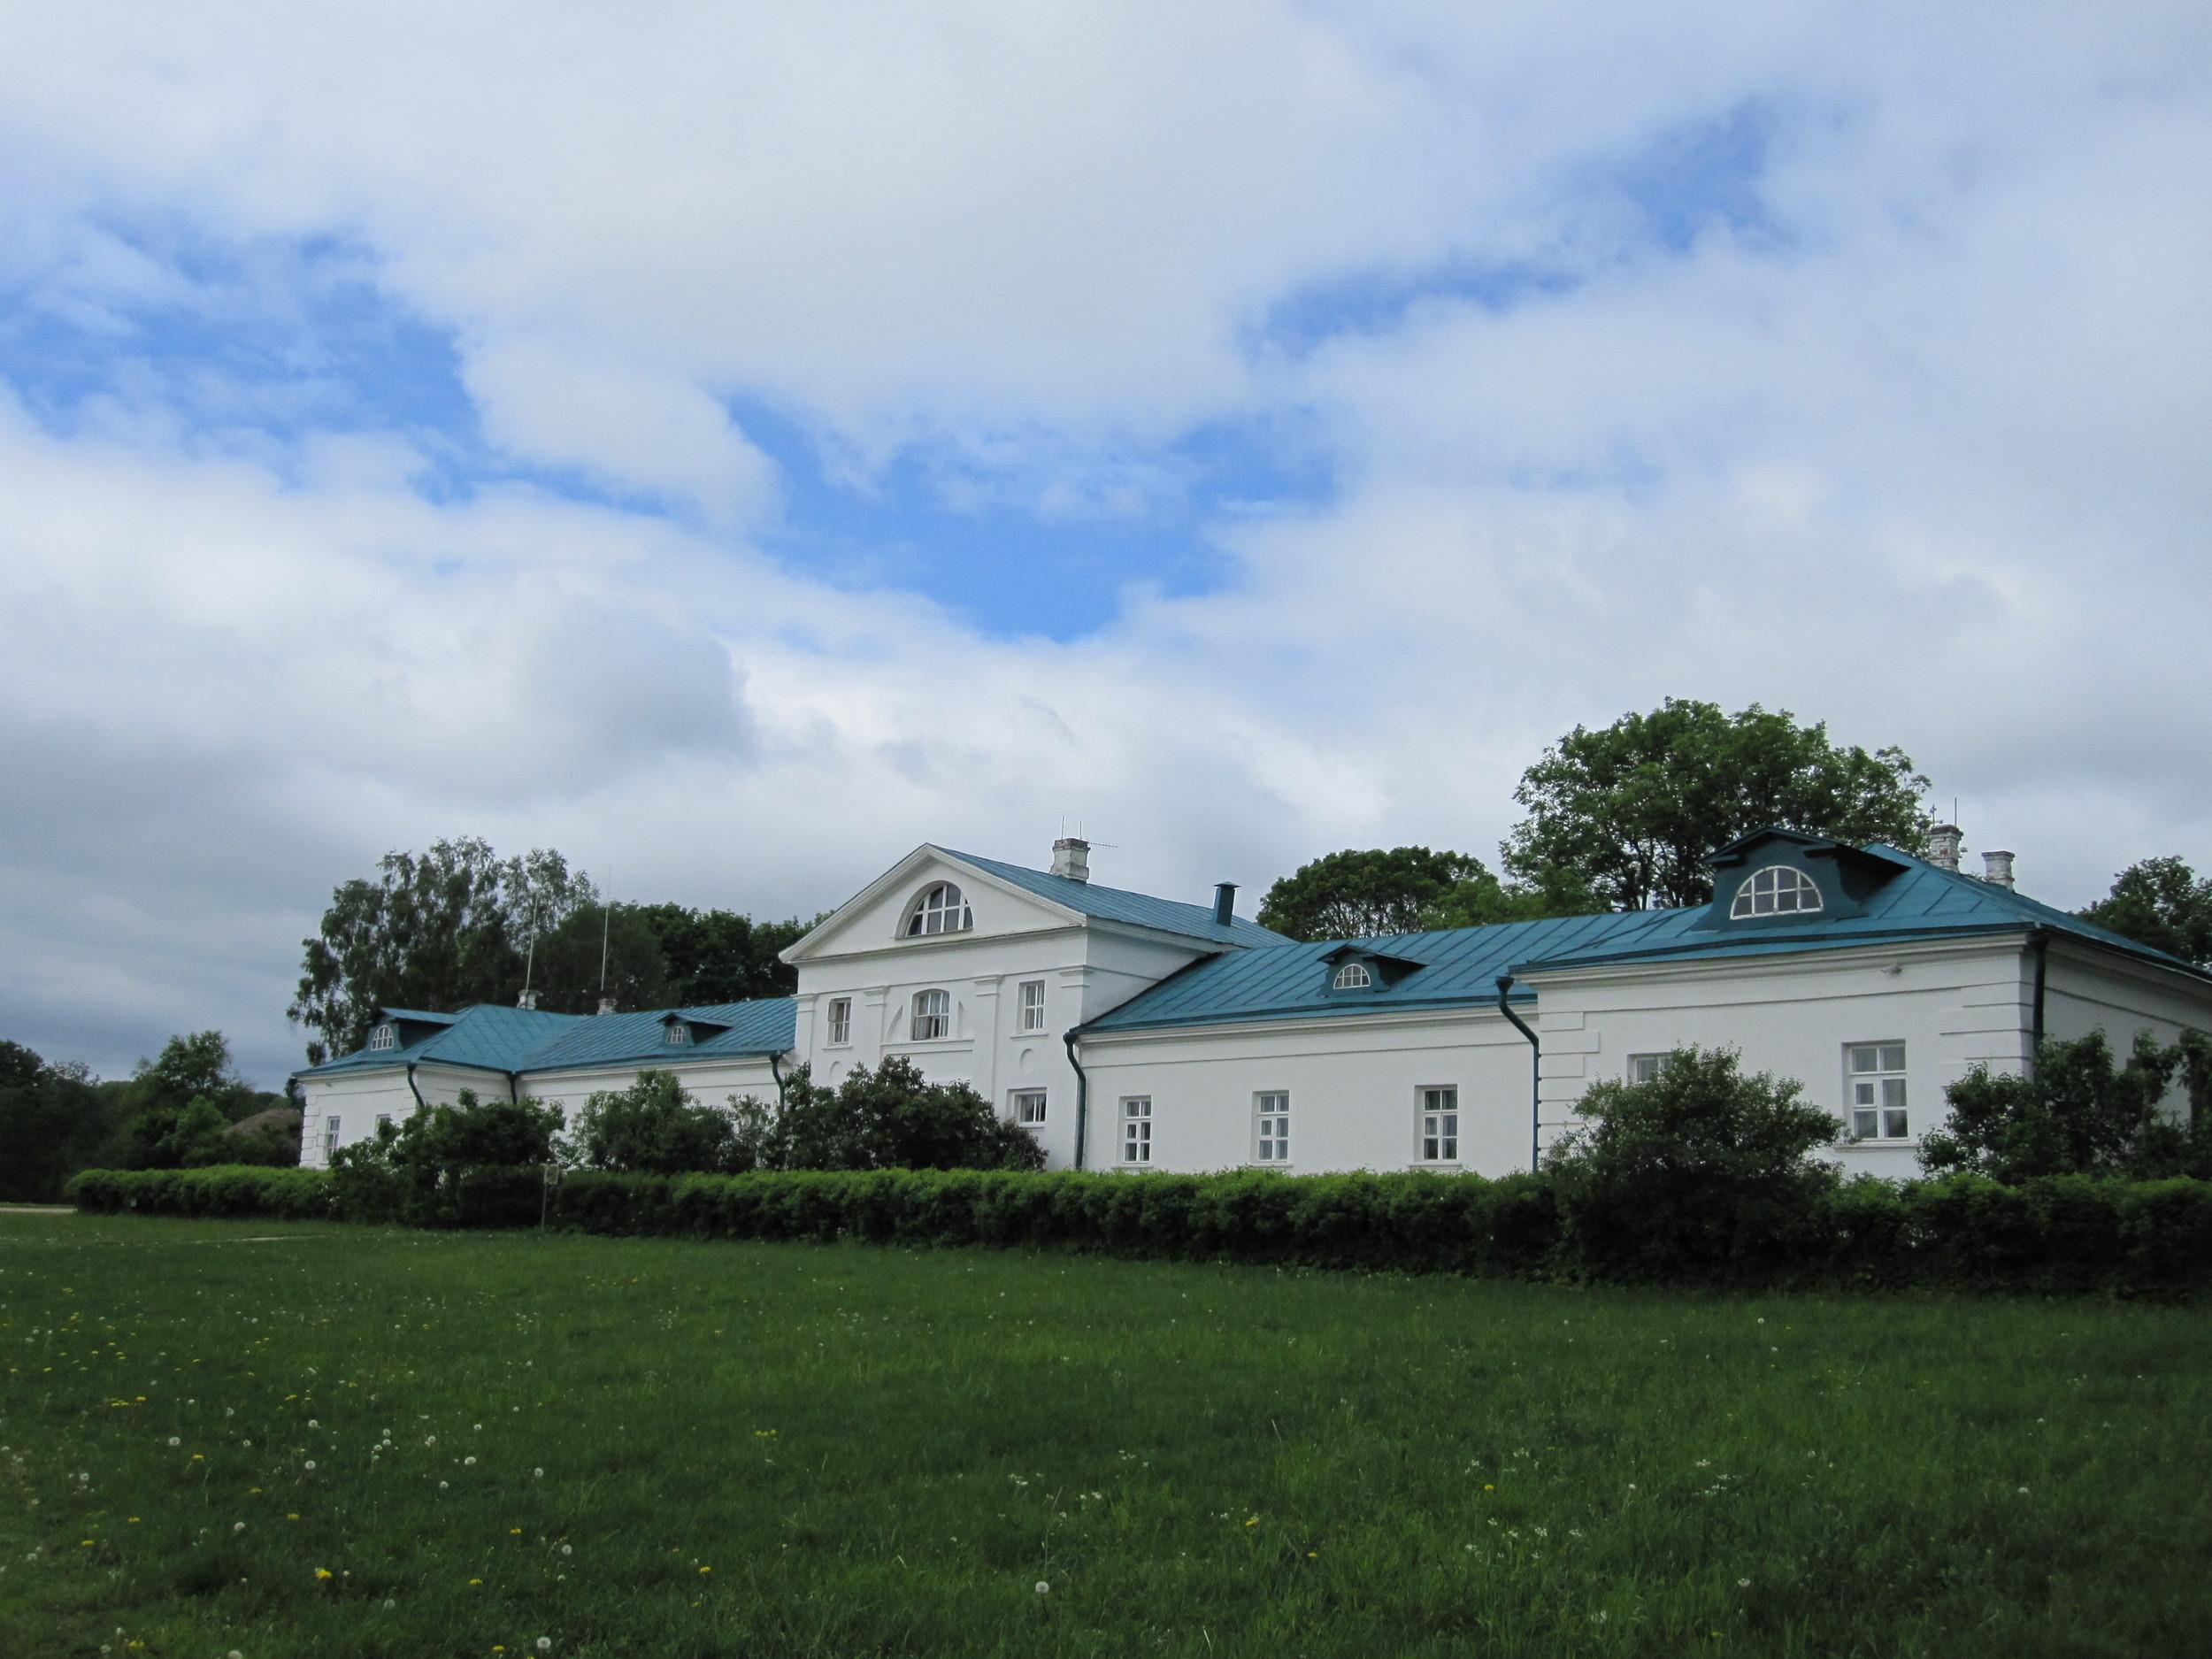 landmark-of-the-week-volkonsky-house